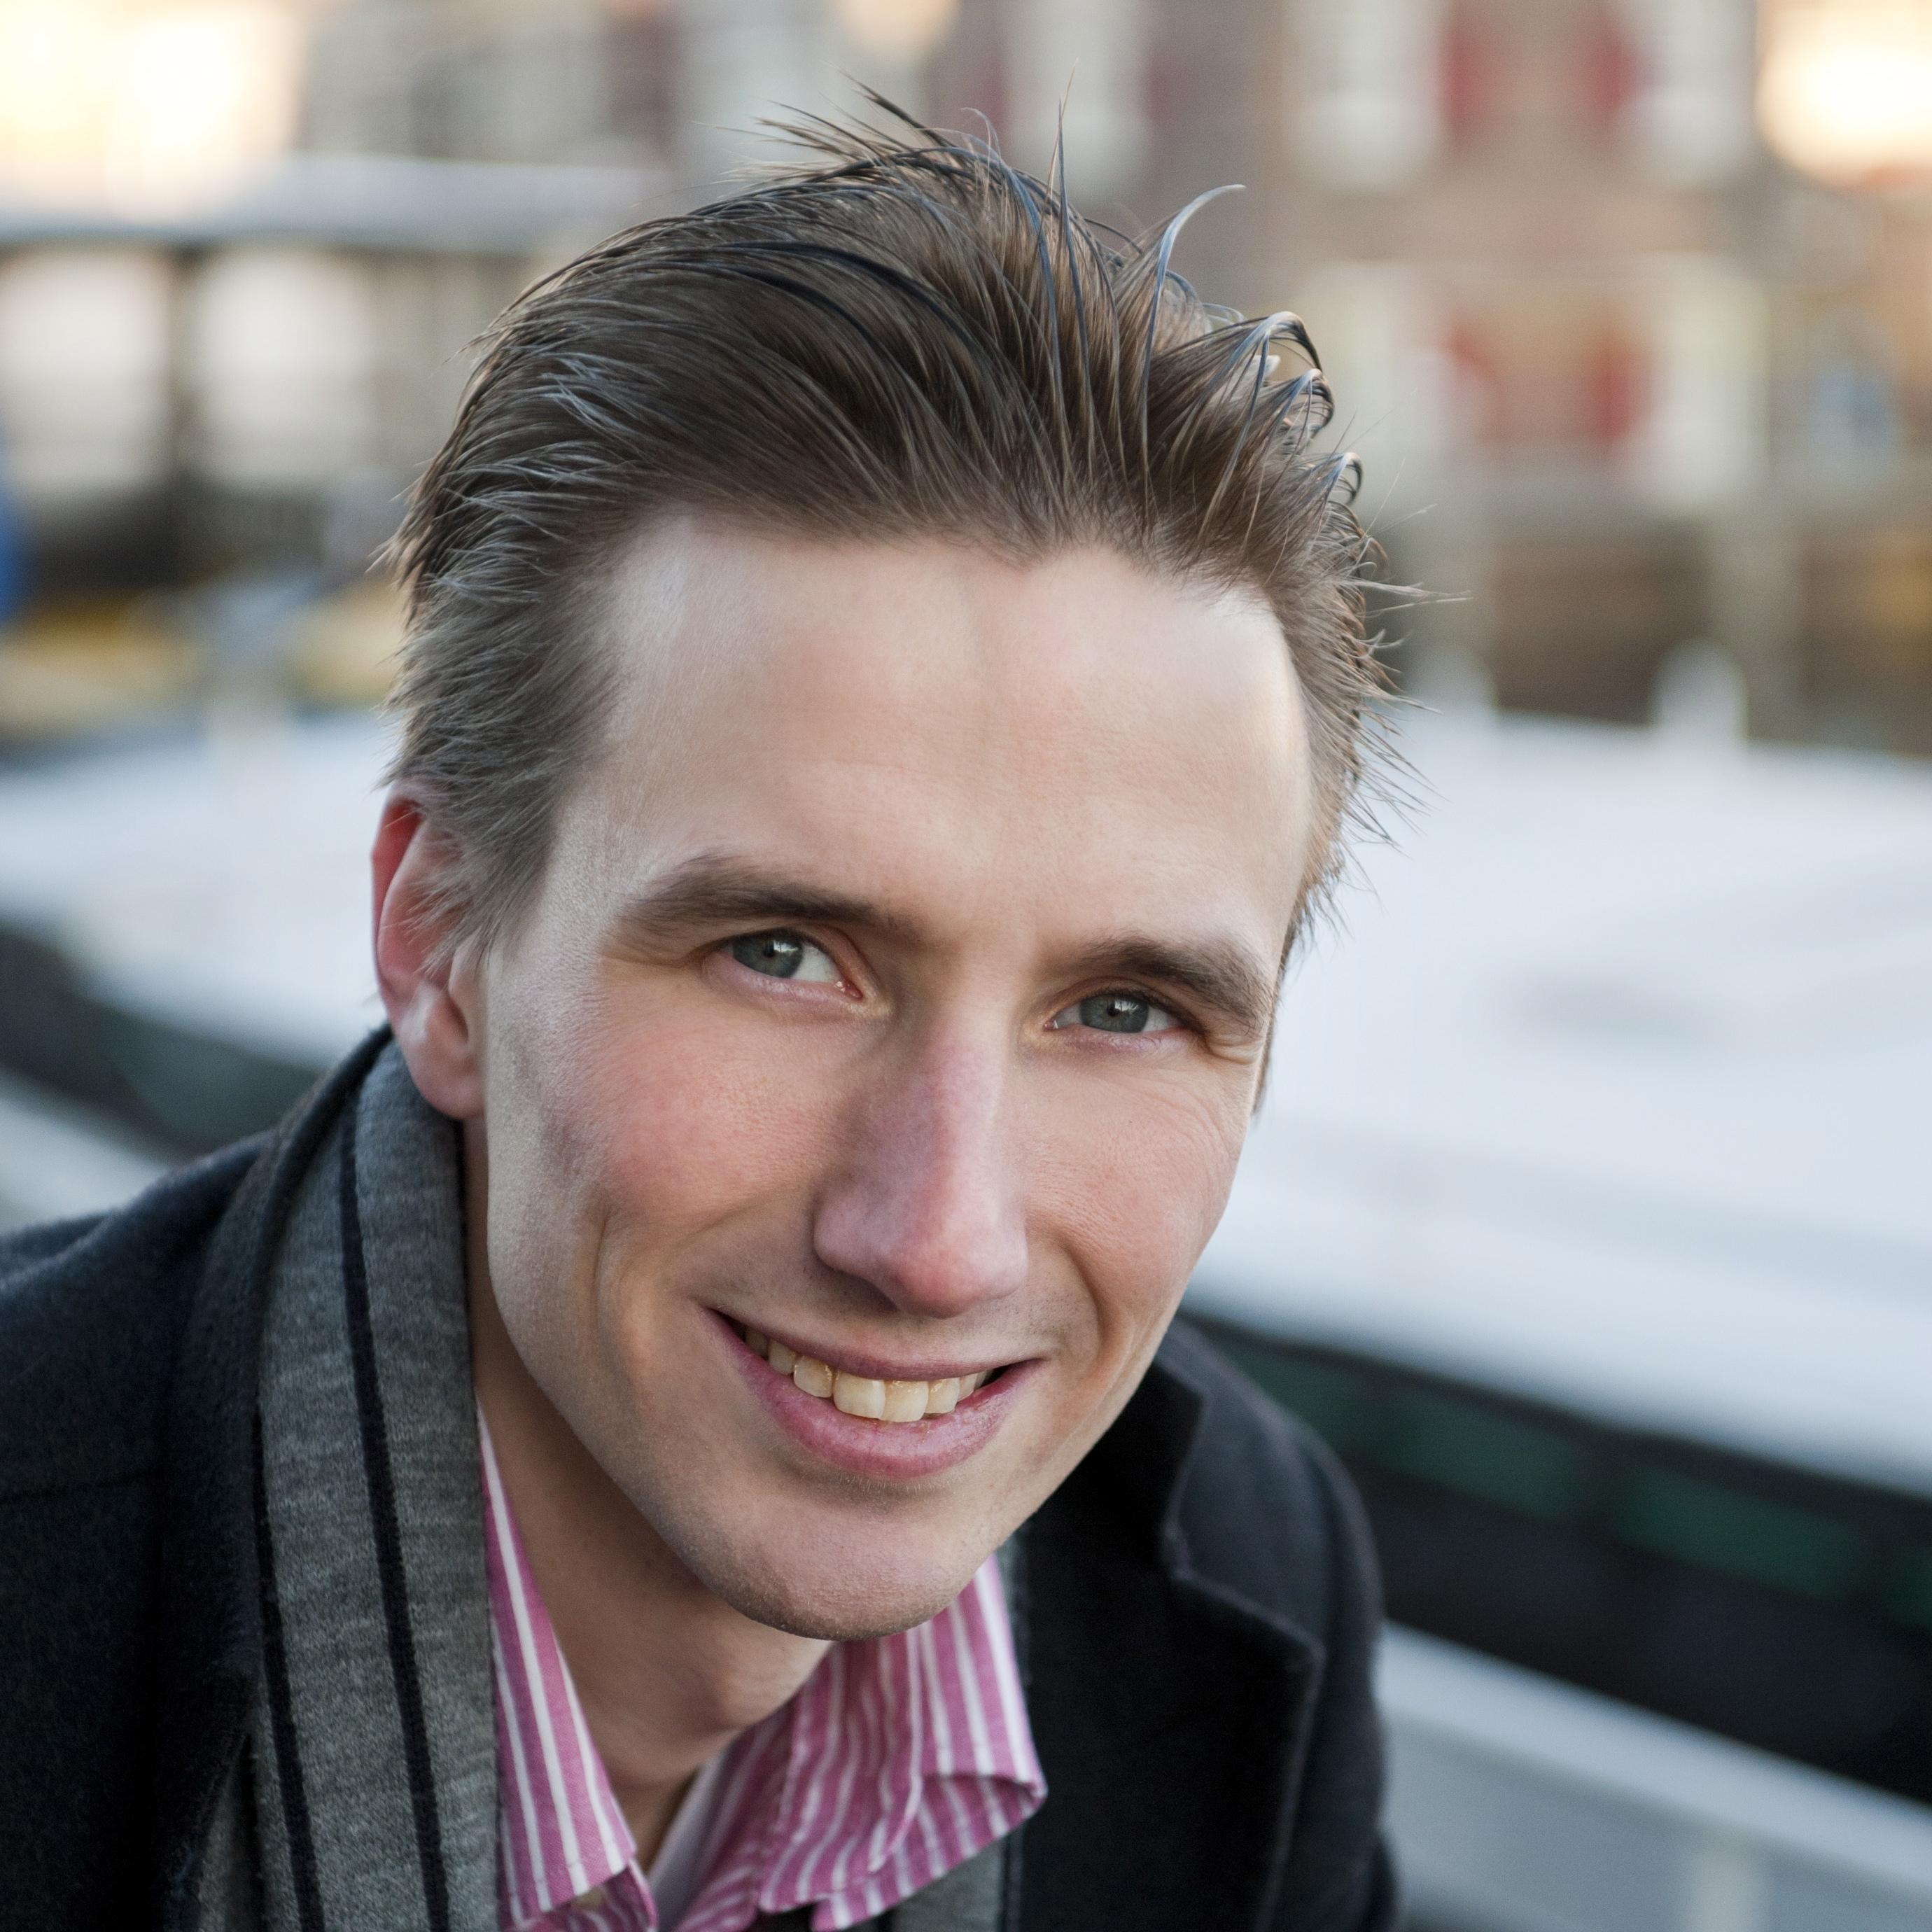 Christian Schouten